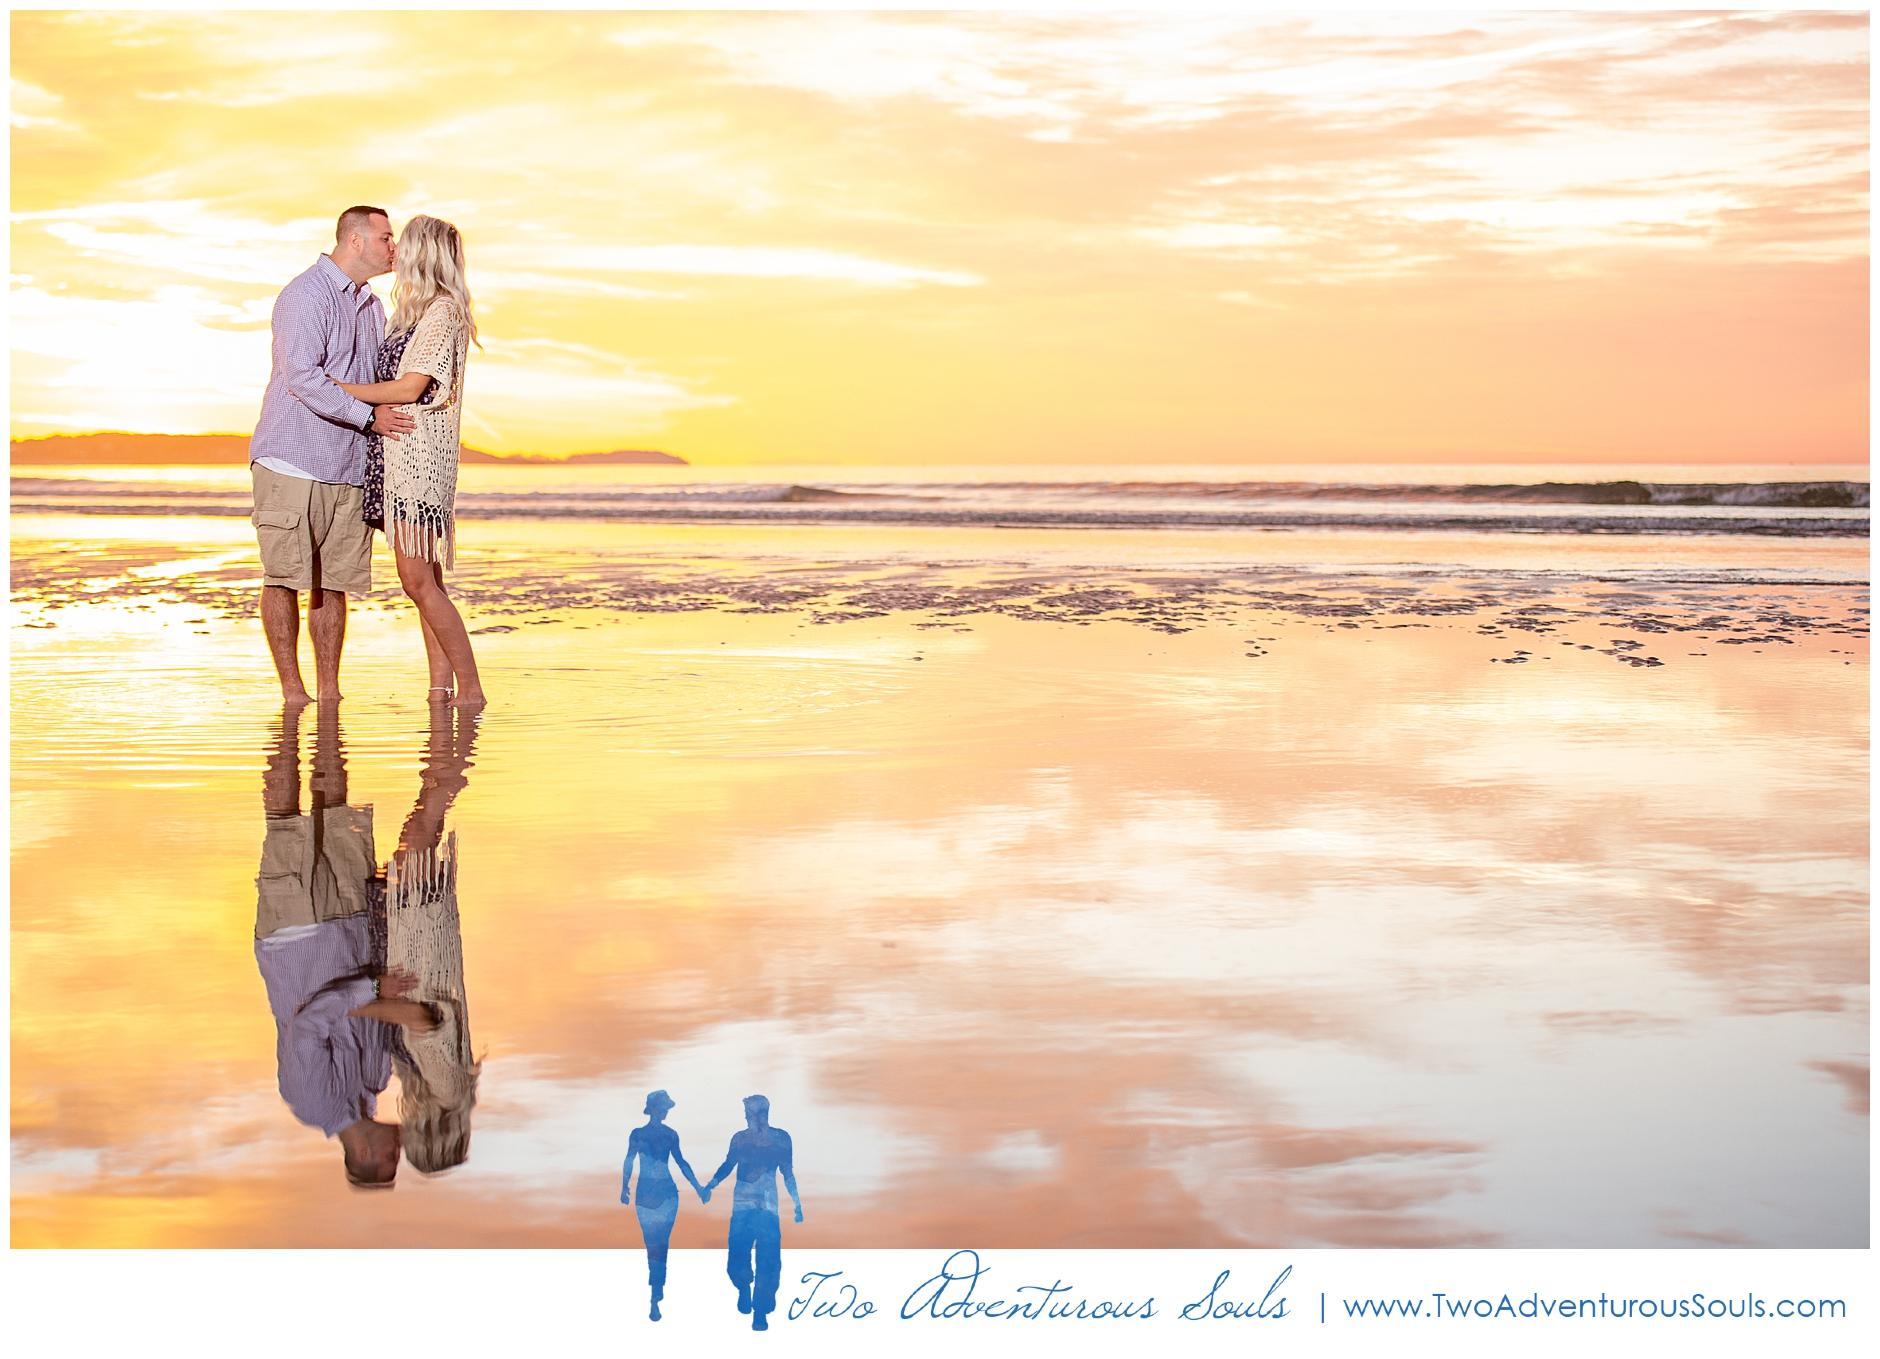 Maine Wedding Photographers, Surprise Proposal Photographers, Maine Elopement Photographers, Two Adventurous Souls-blogcontent_0007.jpg